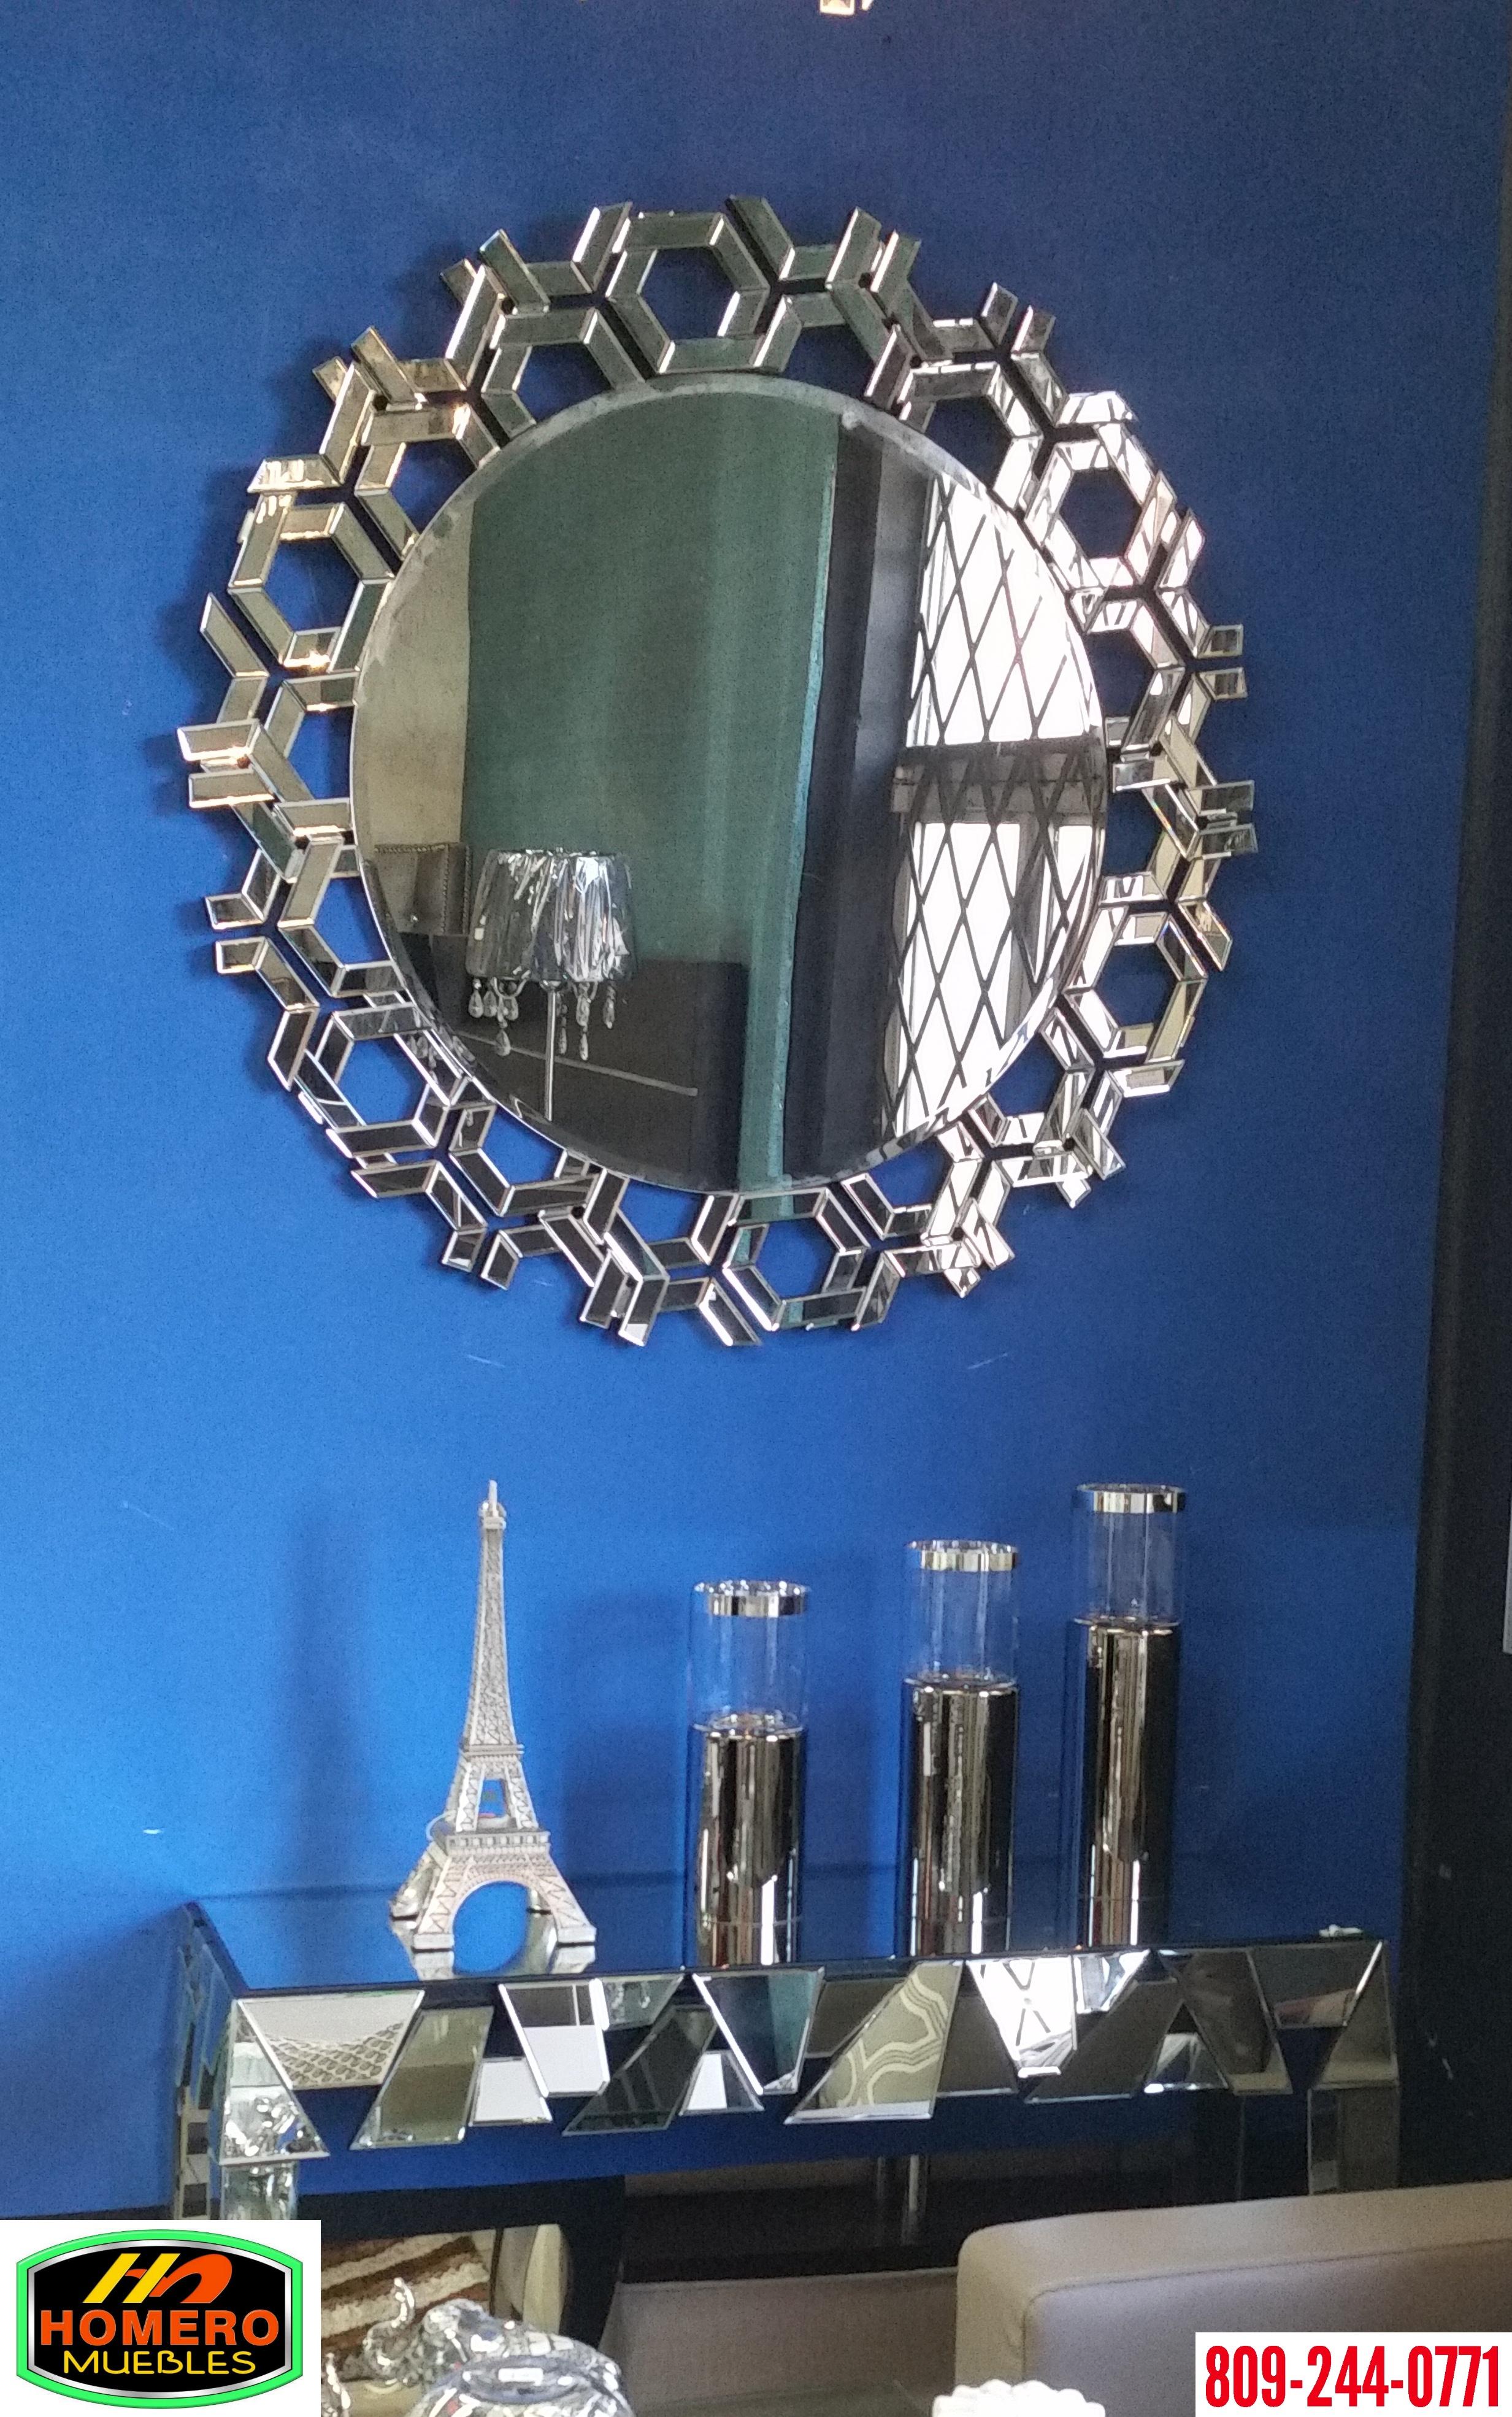 Homero muebles espejos modernos for Espejos modernos 2016